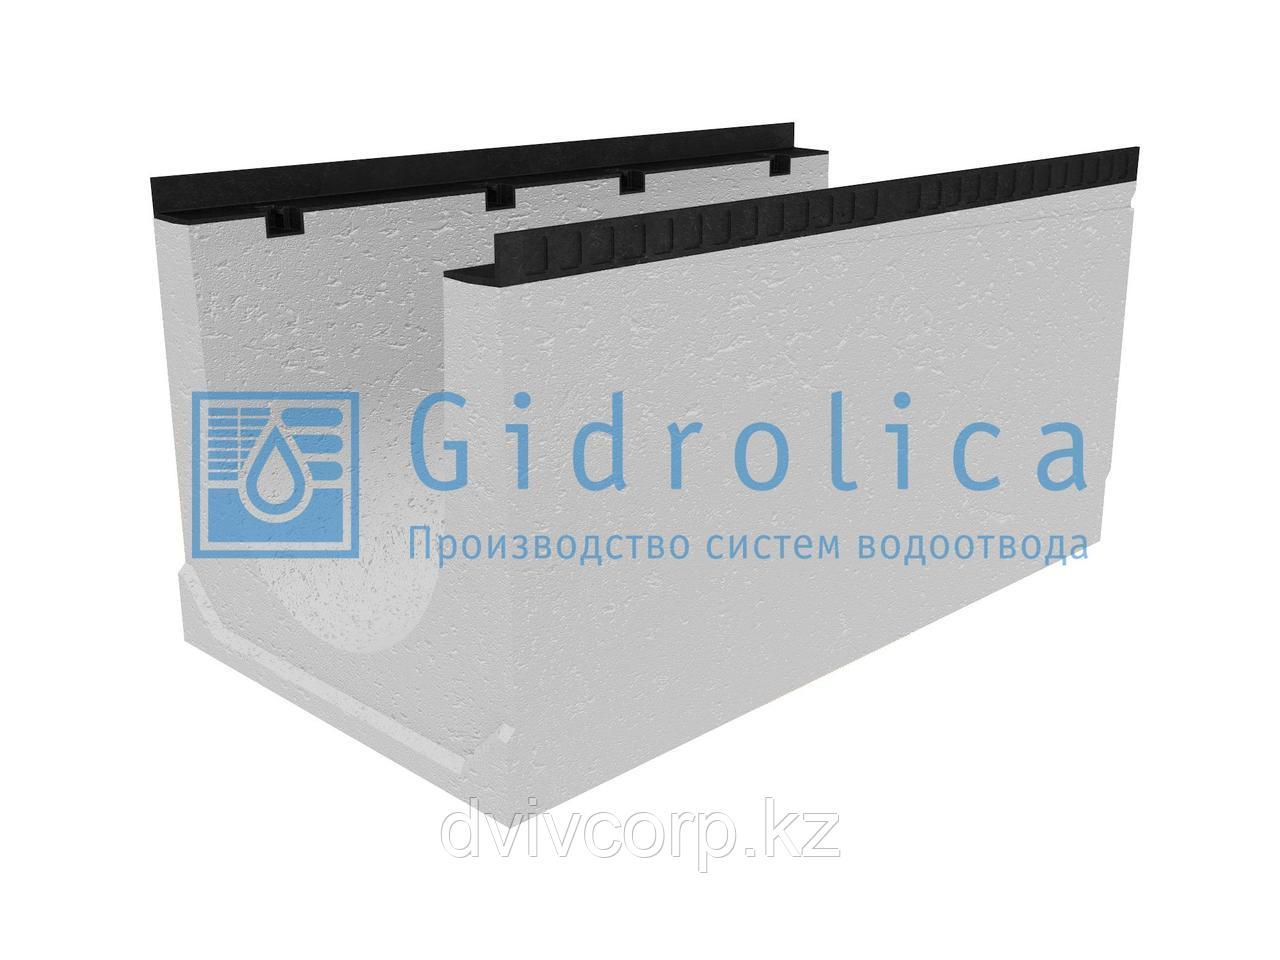 Лоток водоотводный бетонный коробчатый (СО-400мм) КU 100.54(40).50(42) - BGМ, № 10-0